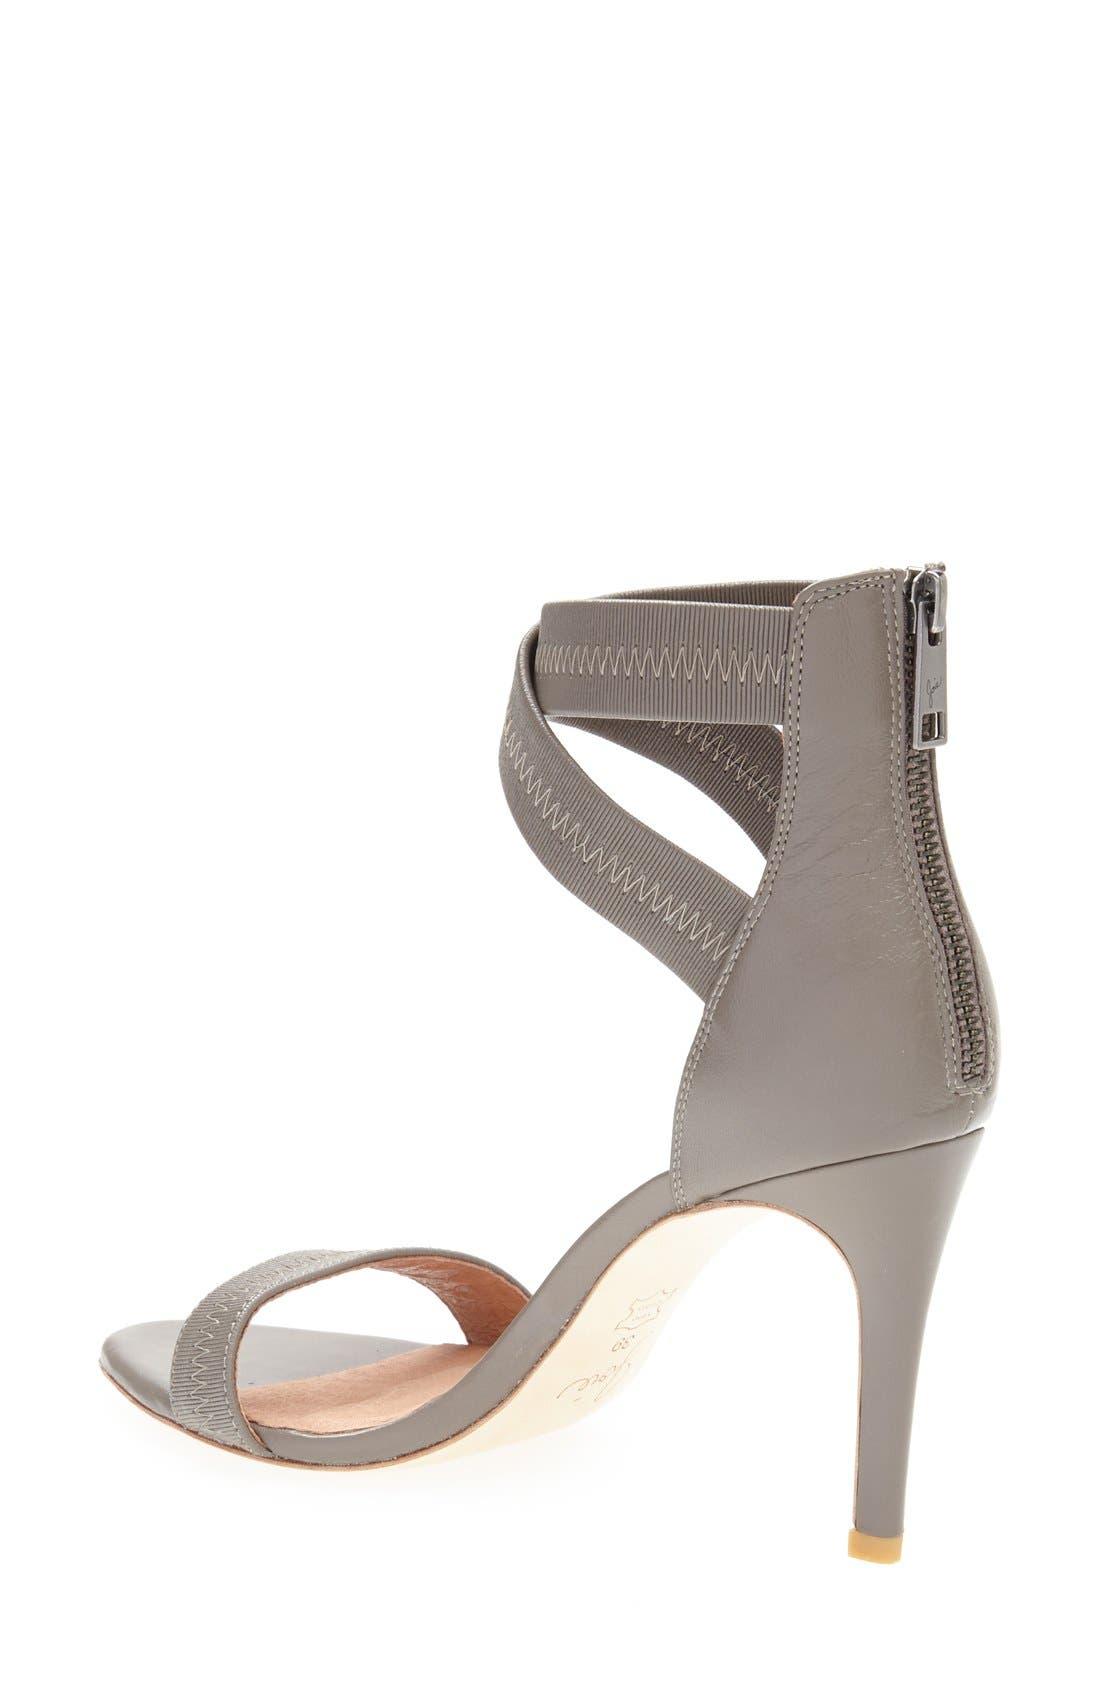 Alternate Image 2  - Joie 'Elaine' Sandal (Women)